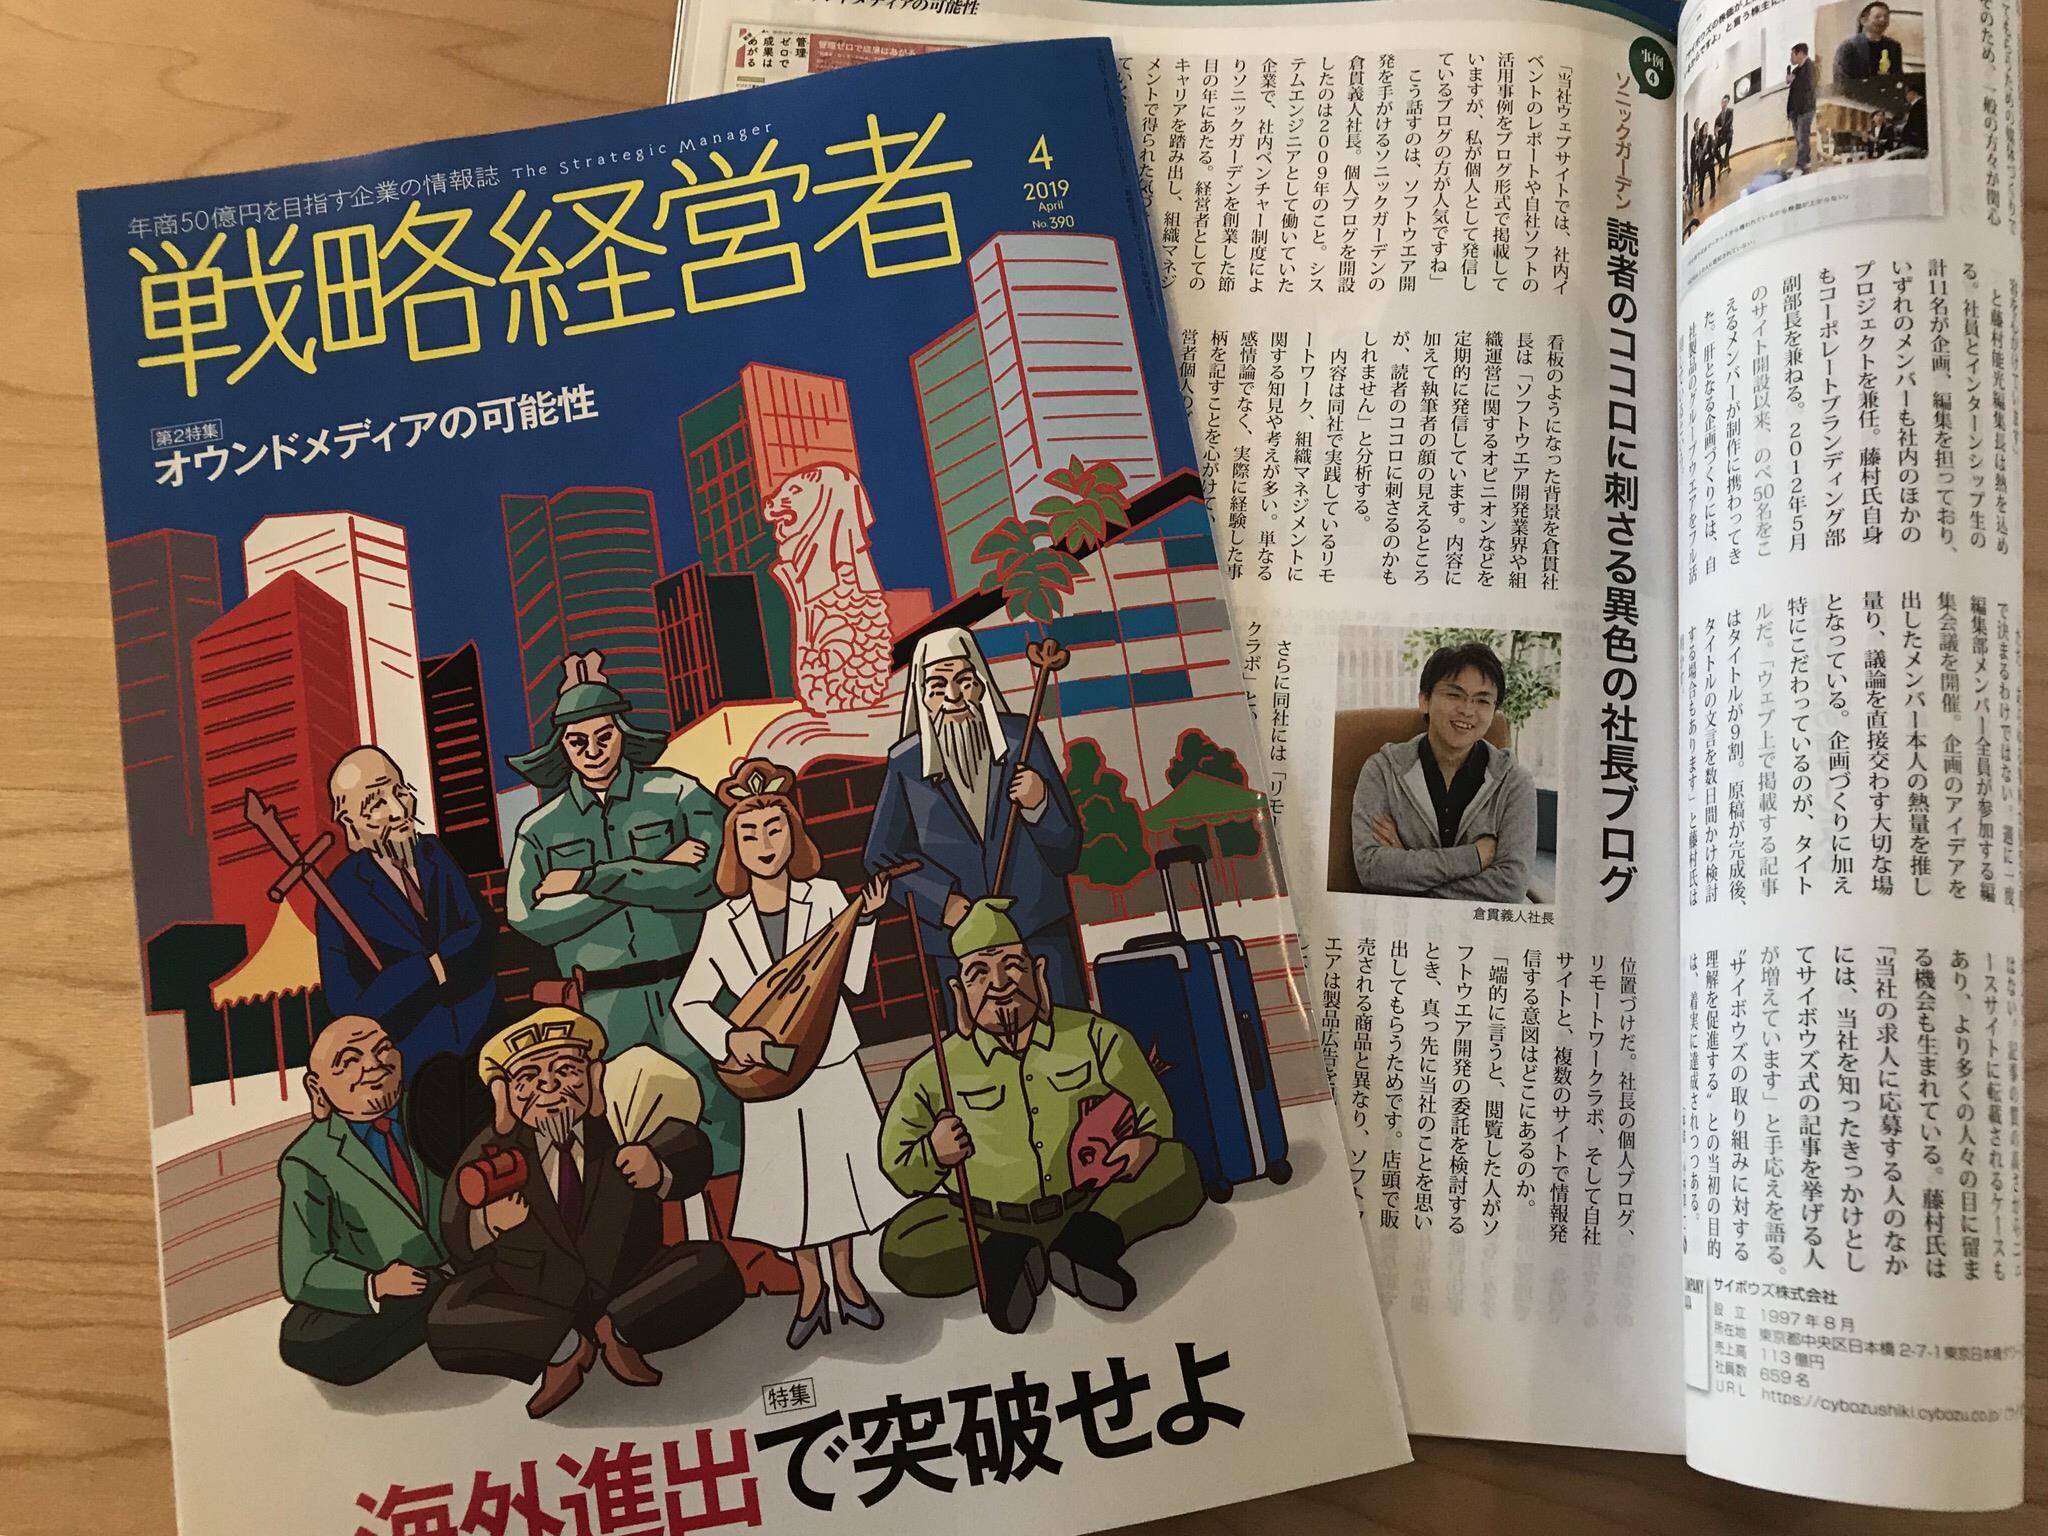 代表倉貫への取材記事が全国に1万以上の税理士ネットワークを持つTKCグループの『戦略経営者』にて掲載されました。